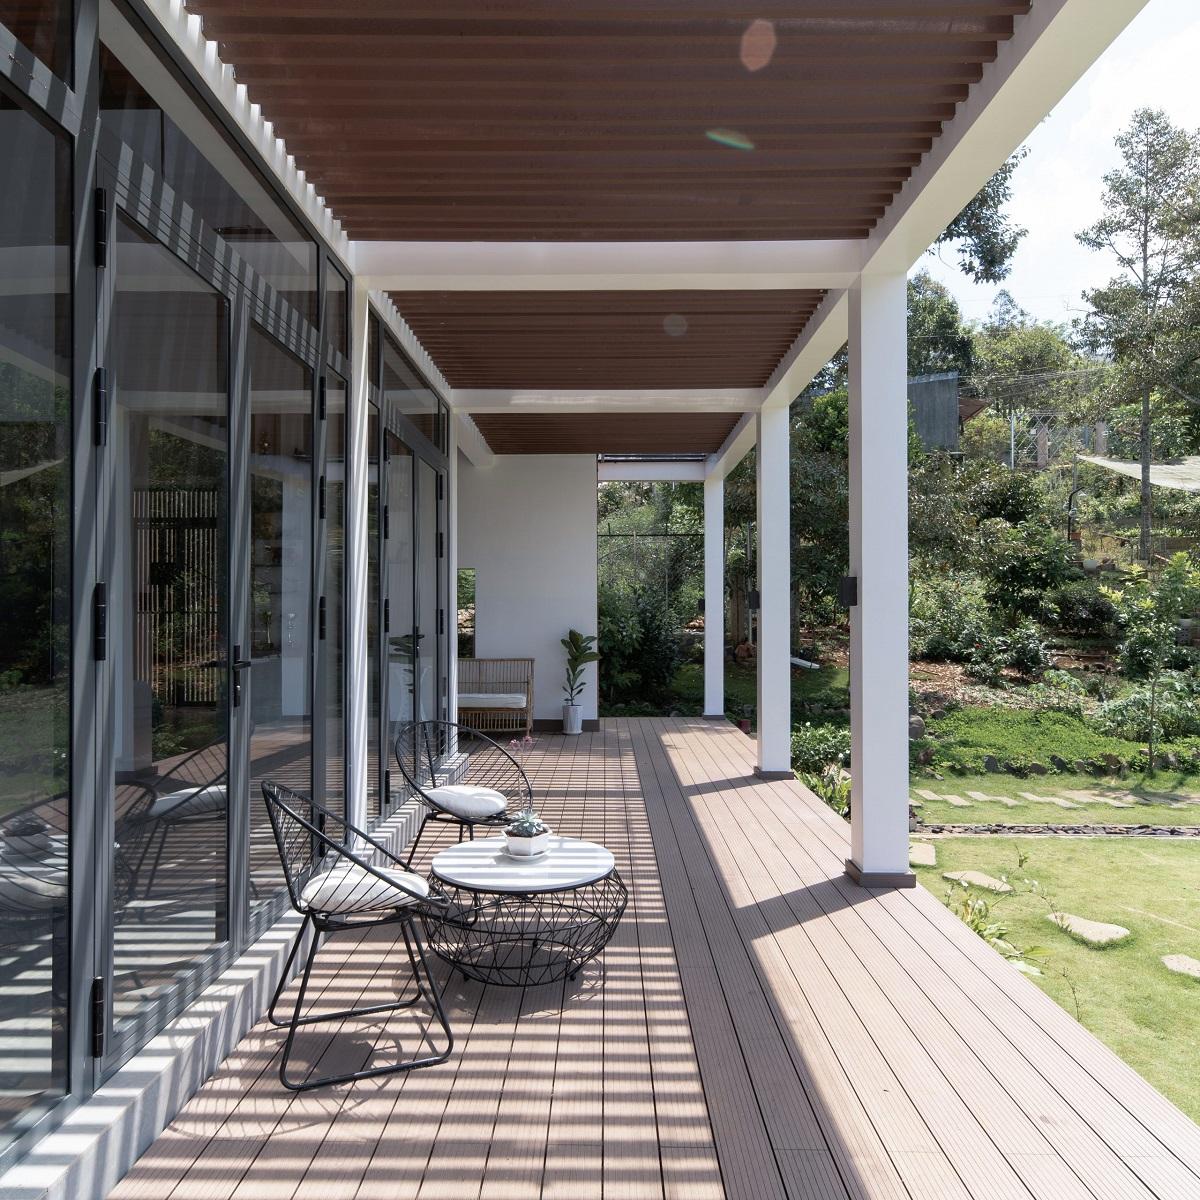 kienviet xuan anh house tan huong khong gian yen binh garchitects 11 - Nhà Xuân Anh - Tìm về chốn yên bình